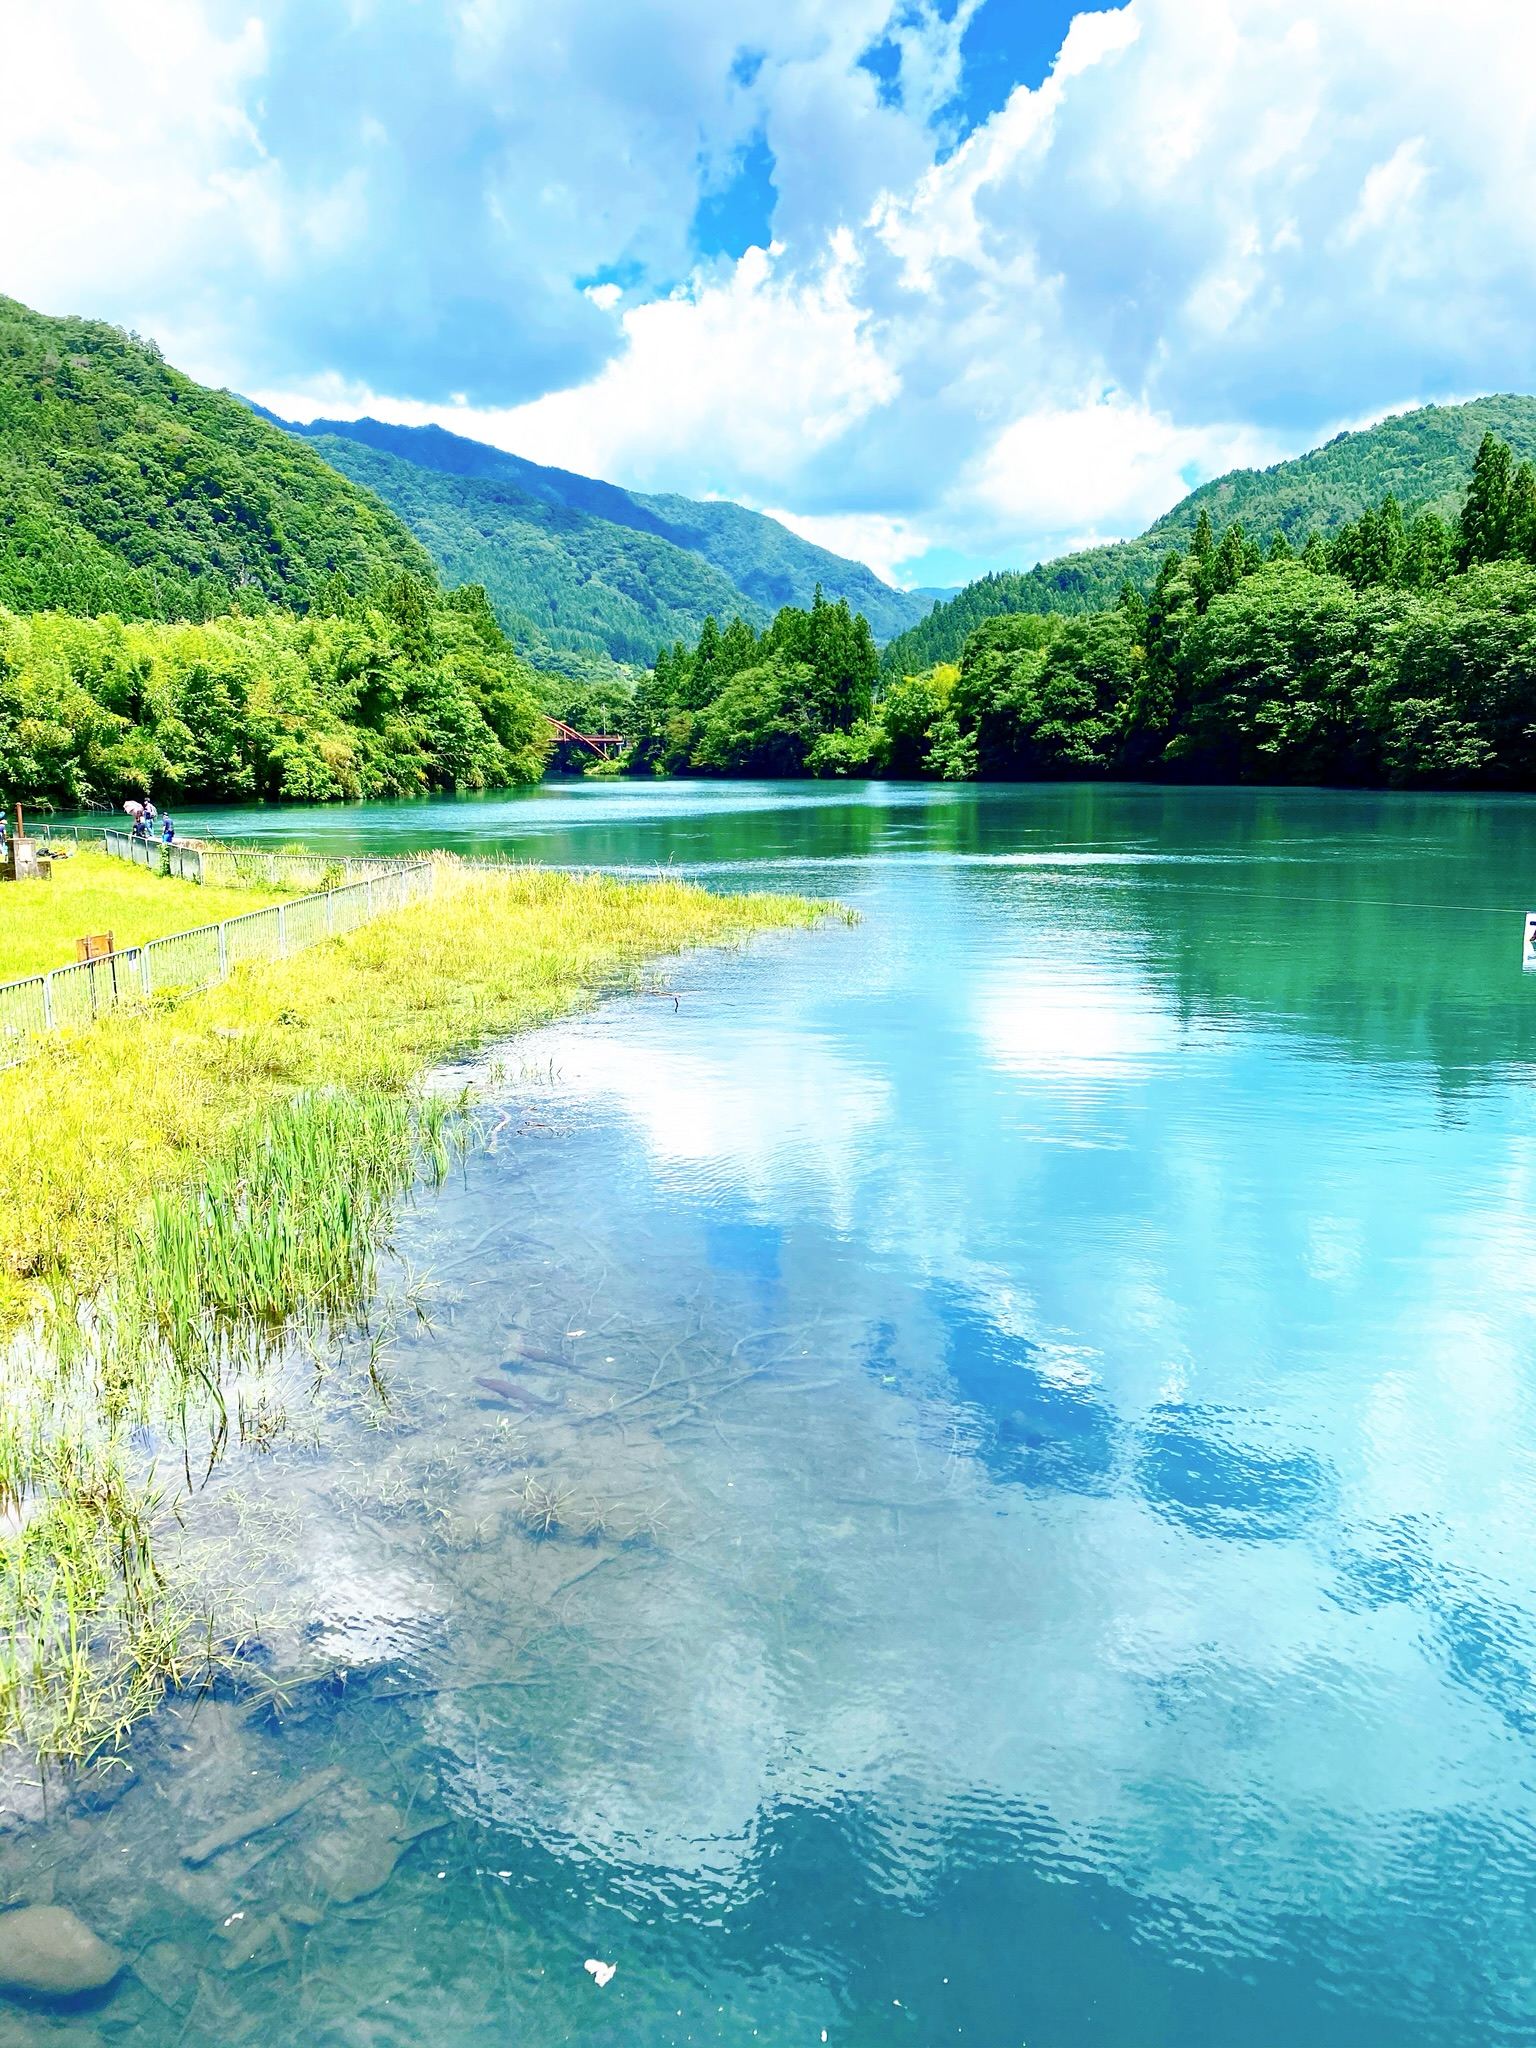 【夏色!四万ブルー】大自然に囲まれた湖でリフレッシュ_1